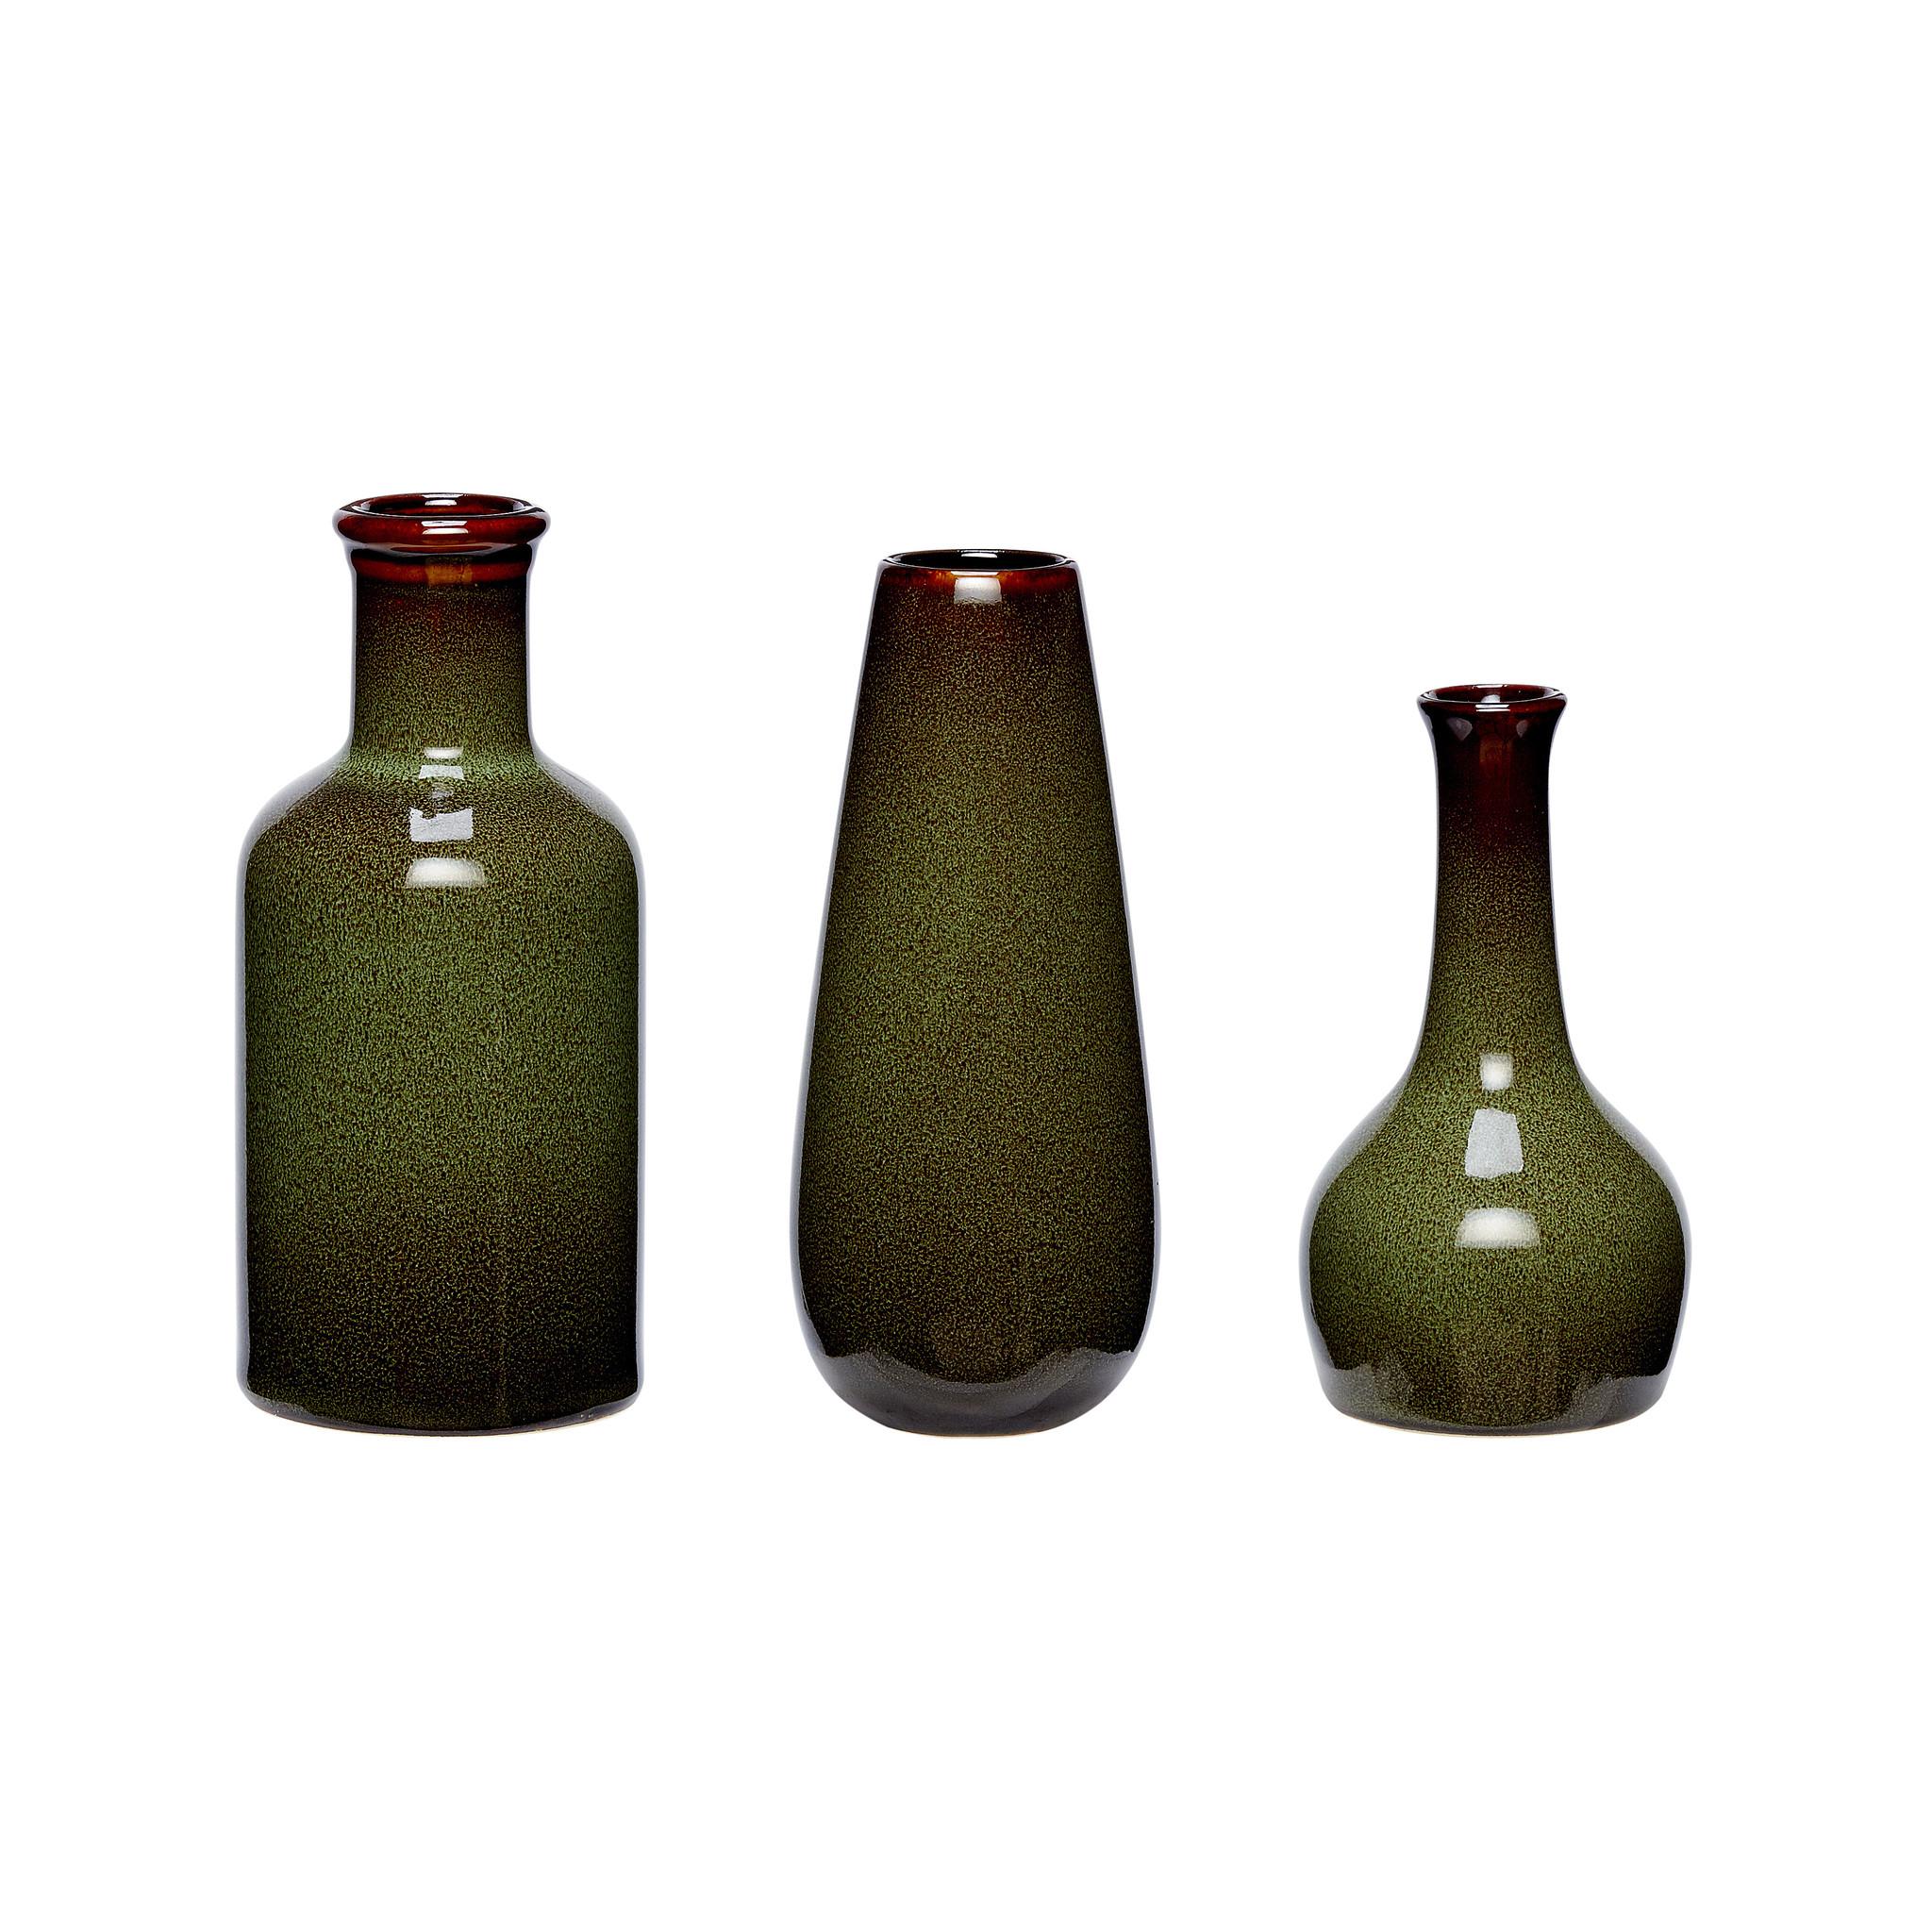 Hubsch Vaas, keramiek, groen, set van 3-140306-5712772044513